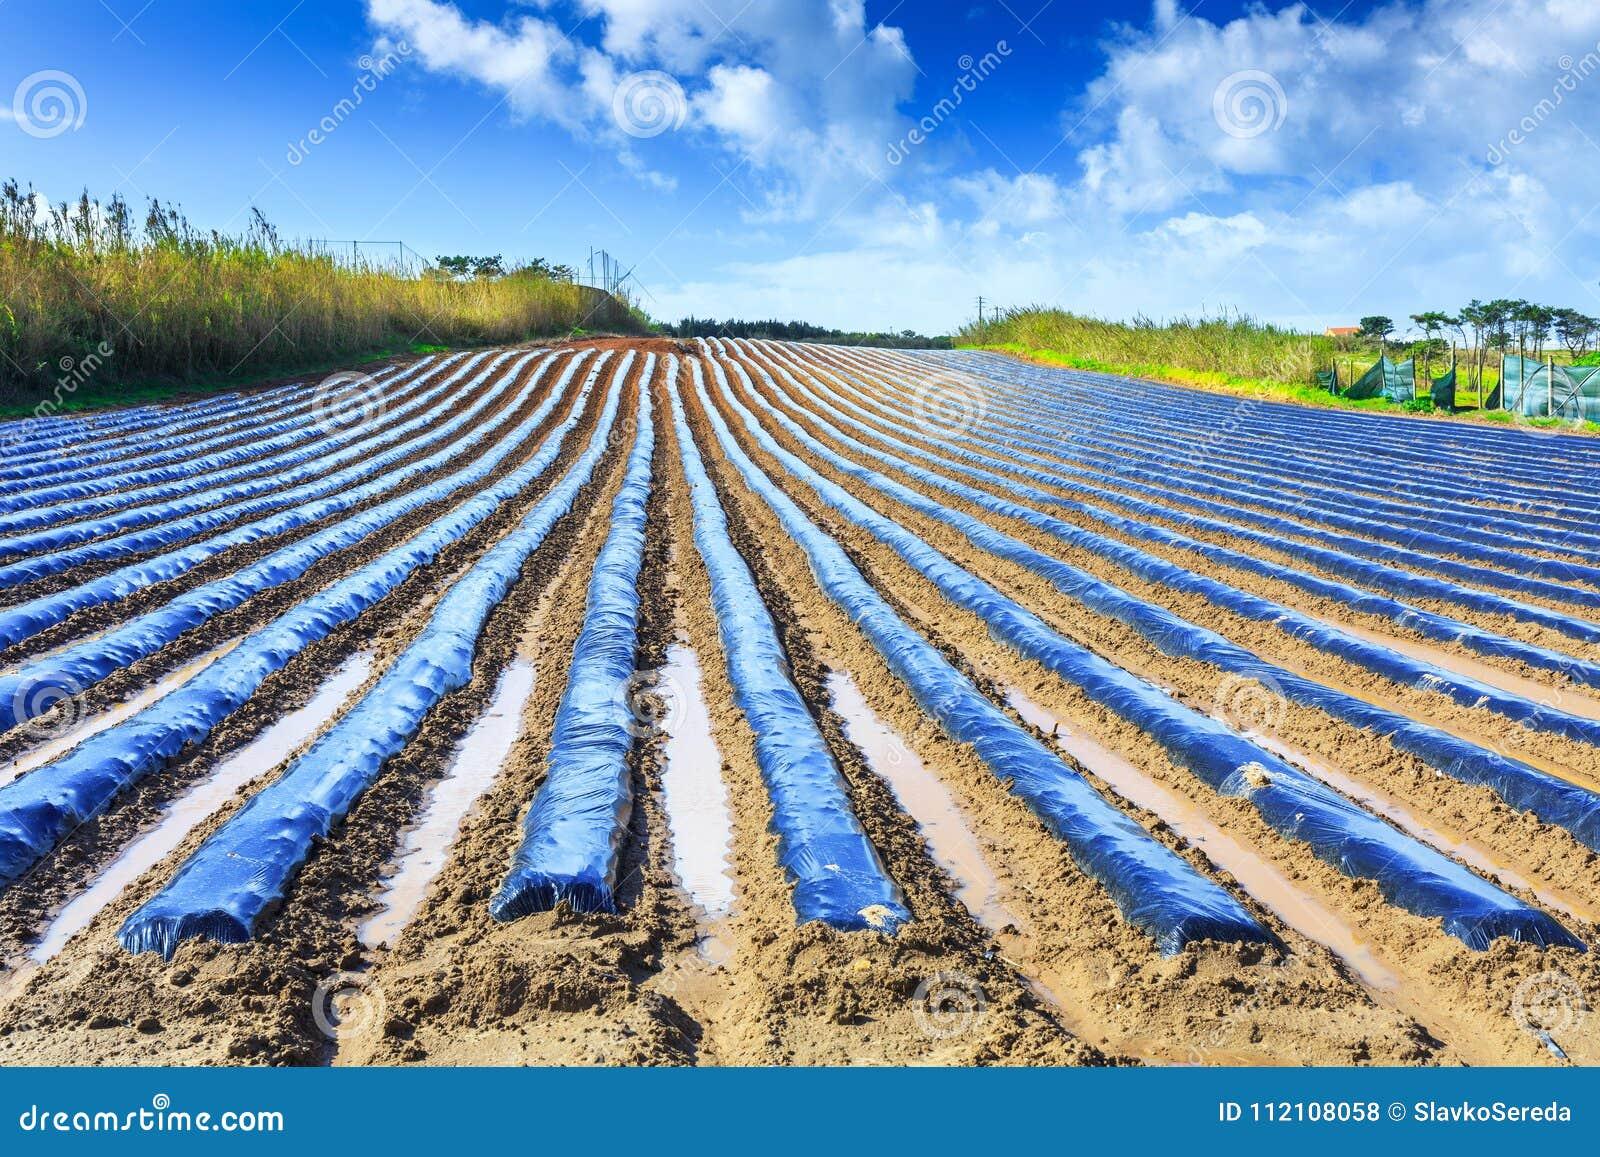 Een typische landbouwtechnologie van vroege de lentecultuur van